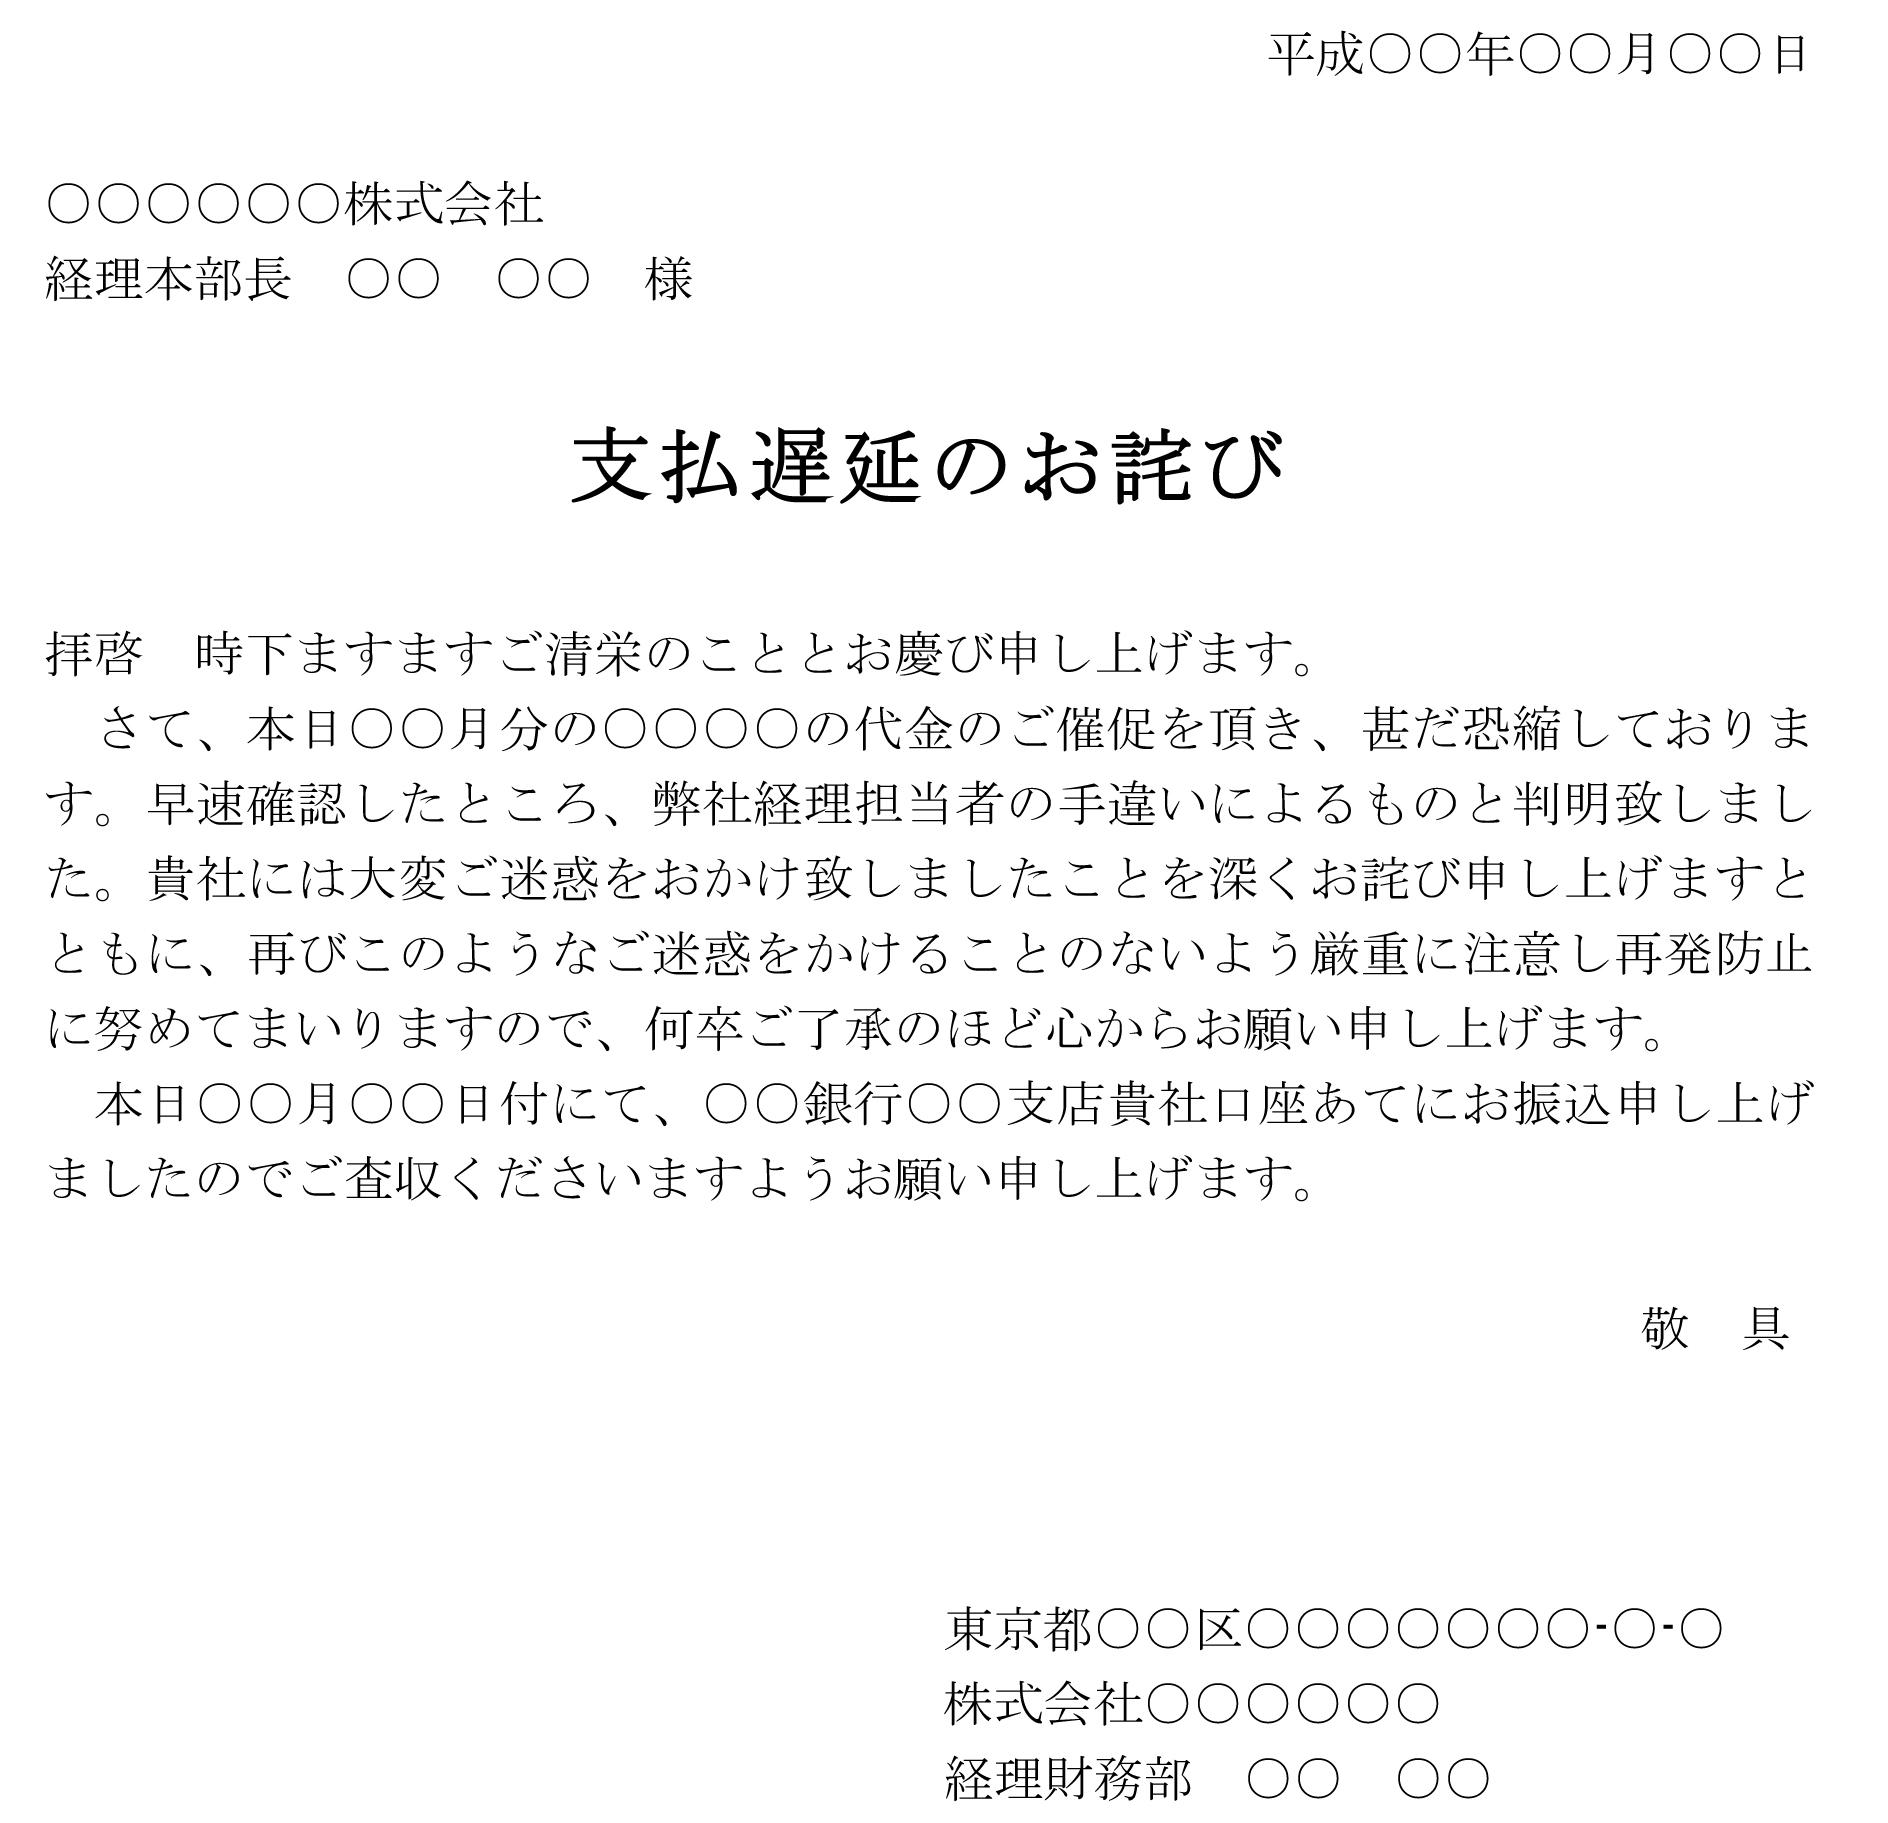 お詫び状(支払遅延)